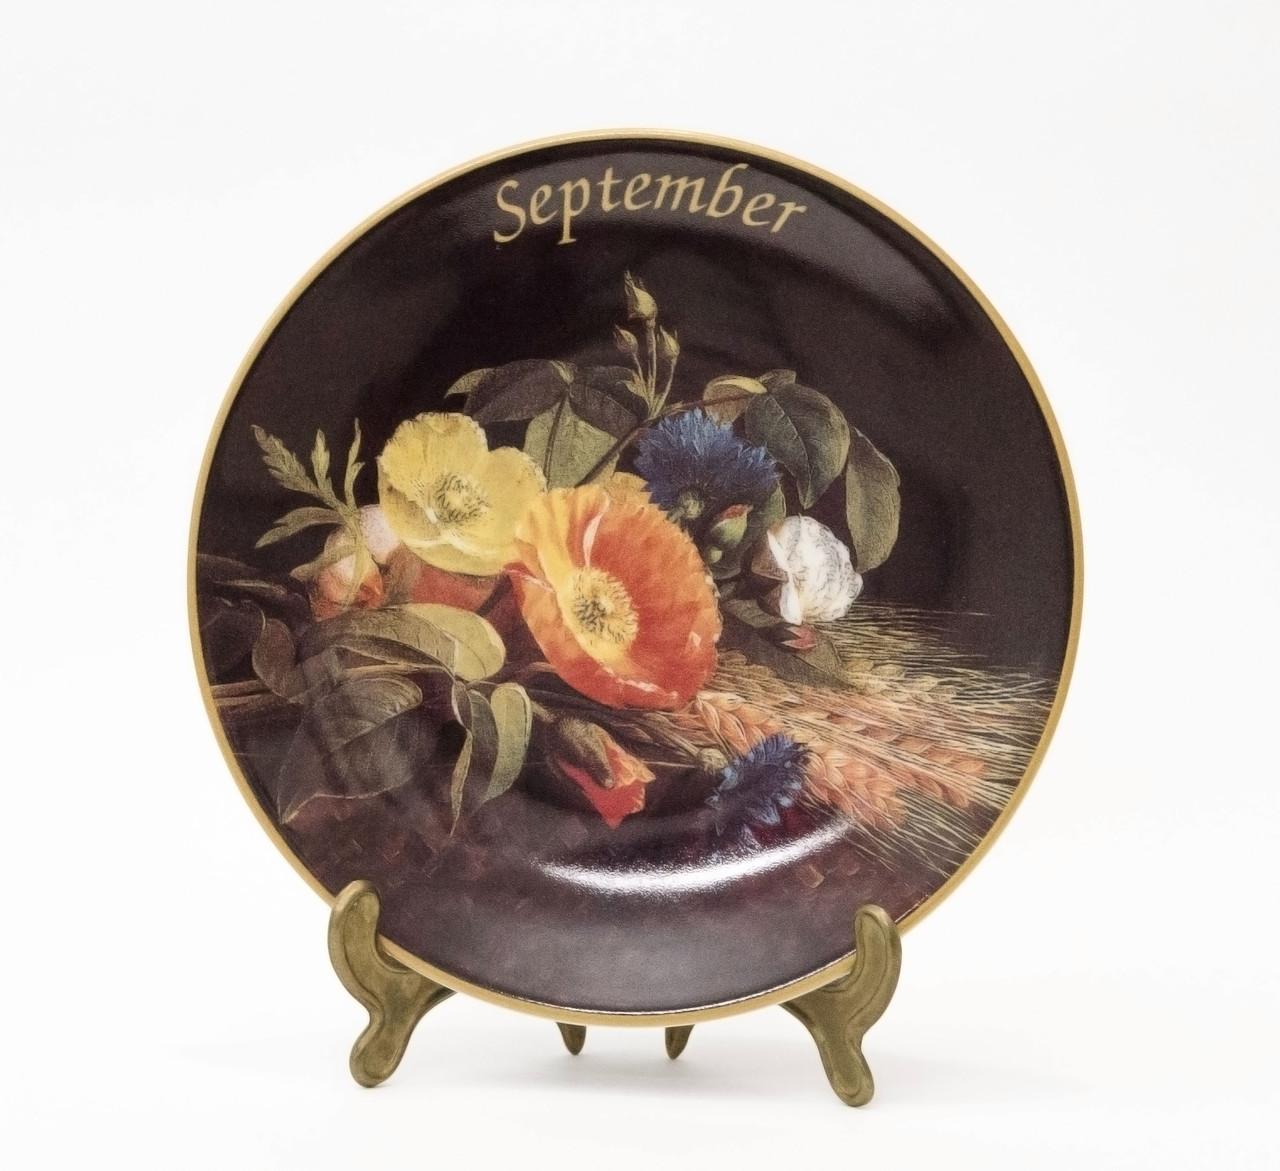 Коллекционная фарфоровая тарелка Сентябрь, фарфор, König Porzellan, Германия, 1998 год